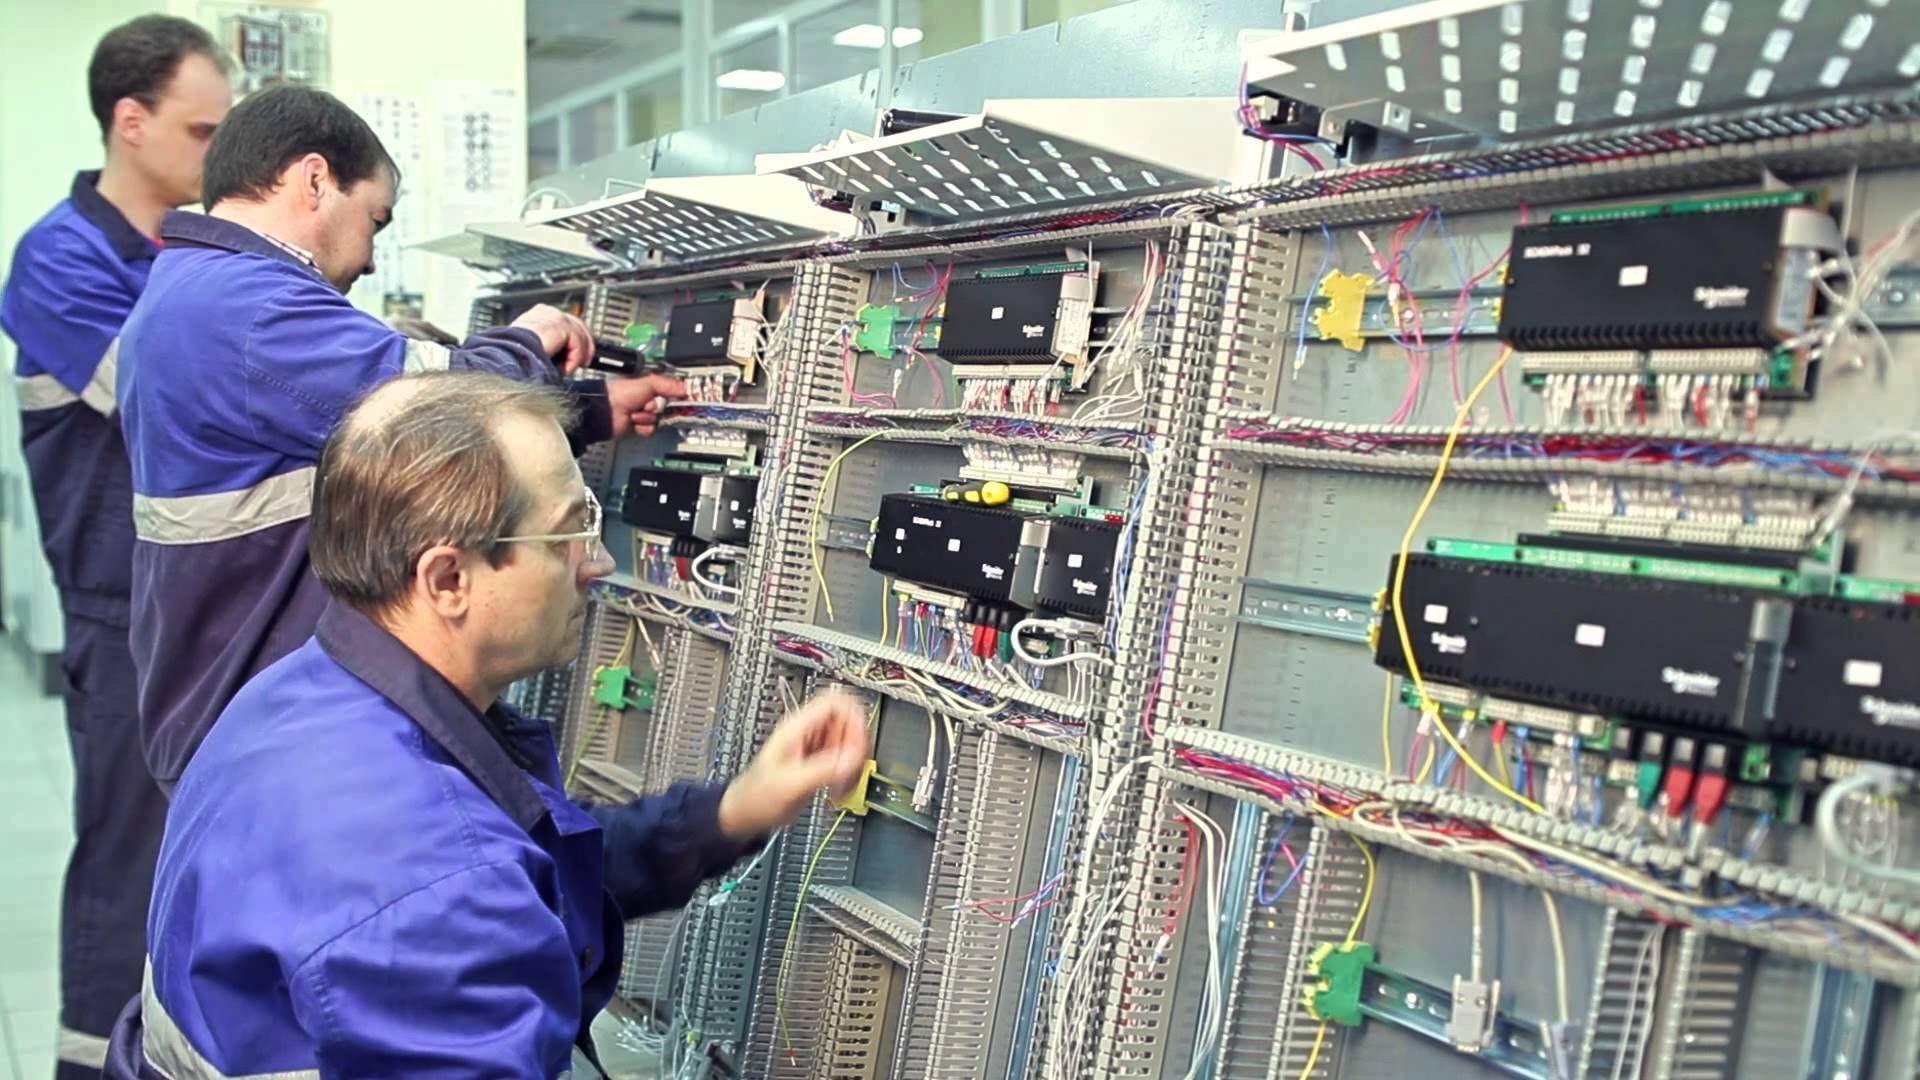 Проектирование и монтаж базовой информационной инфраструктуры